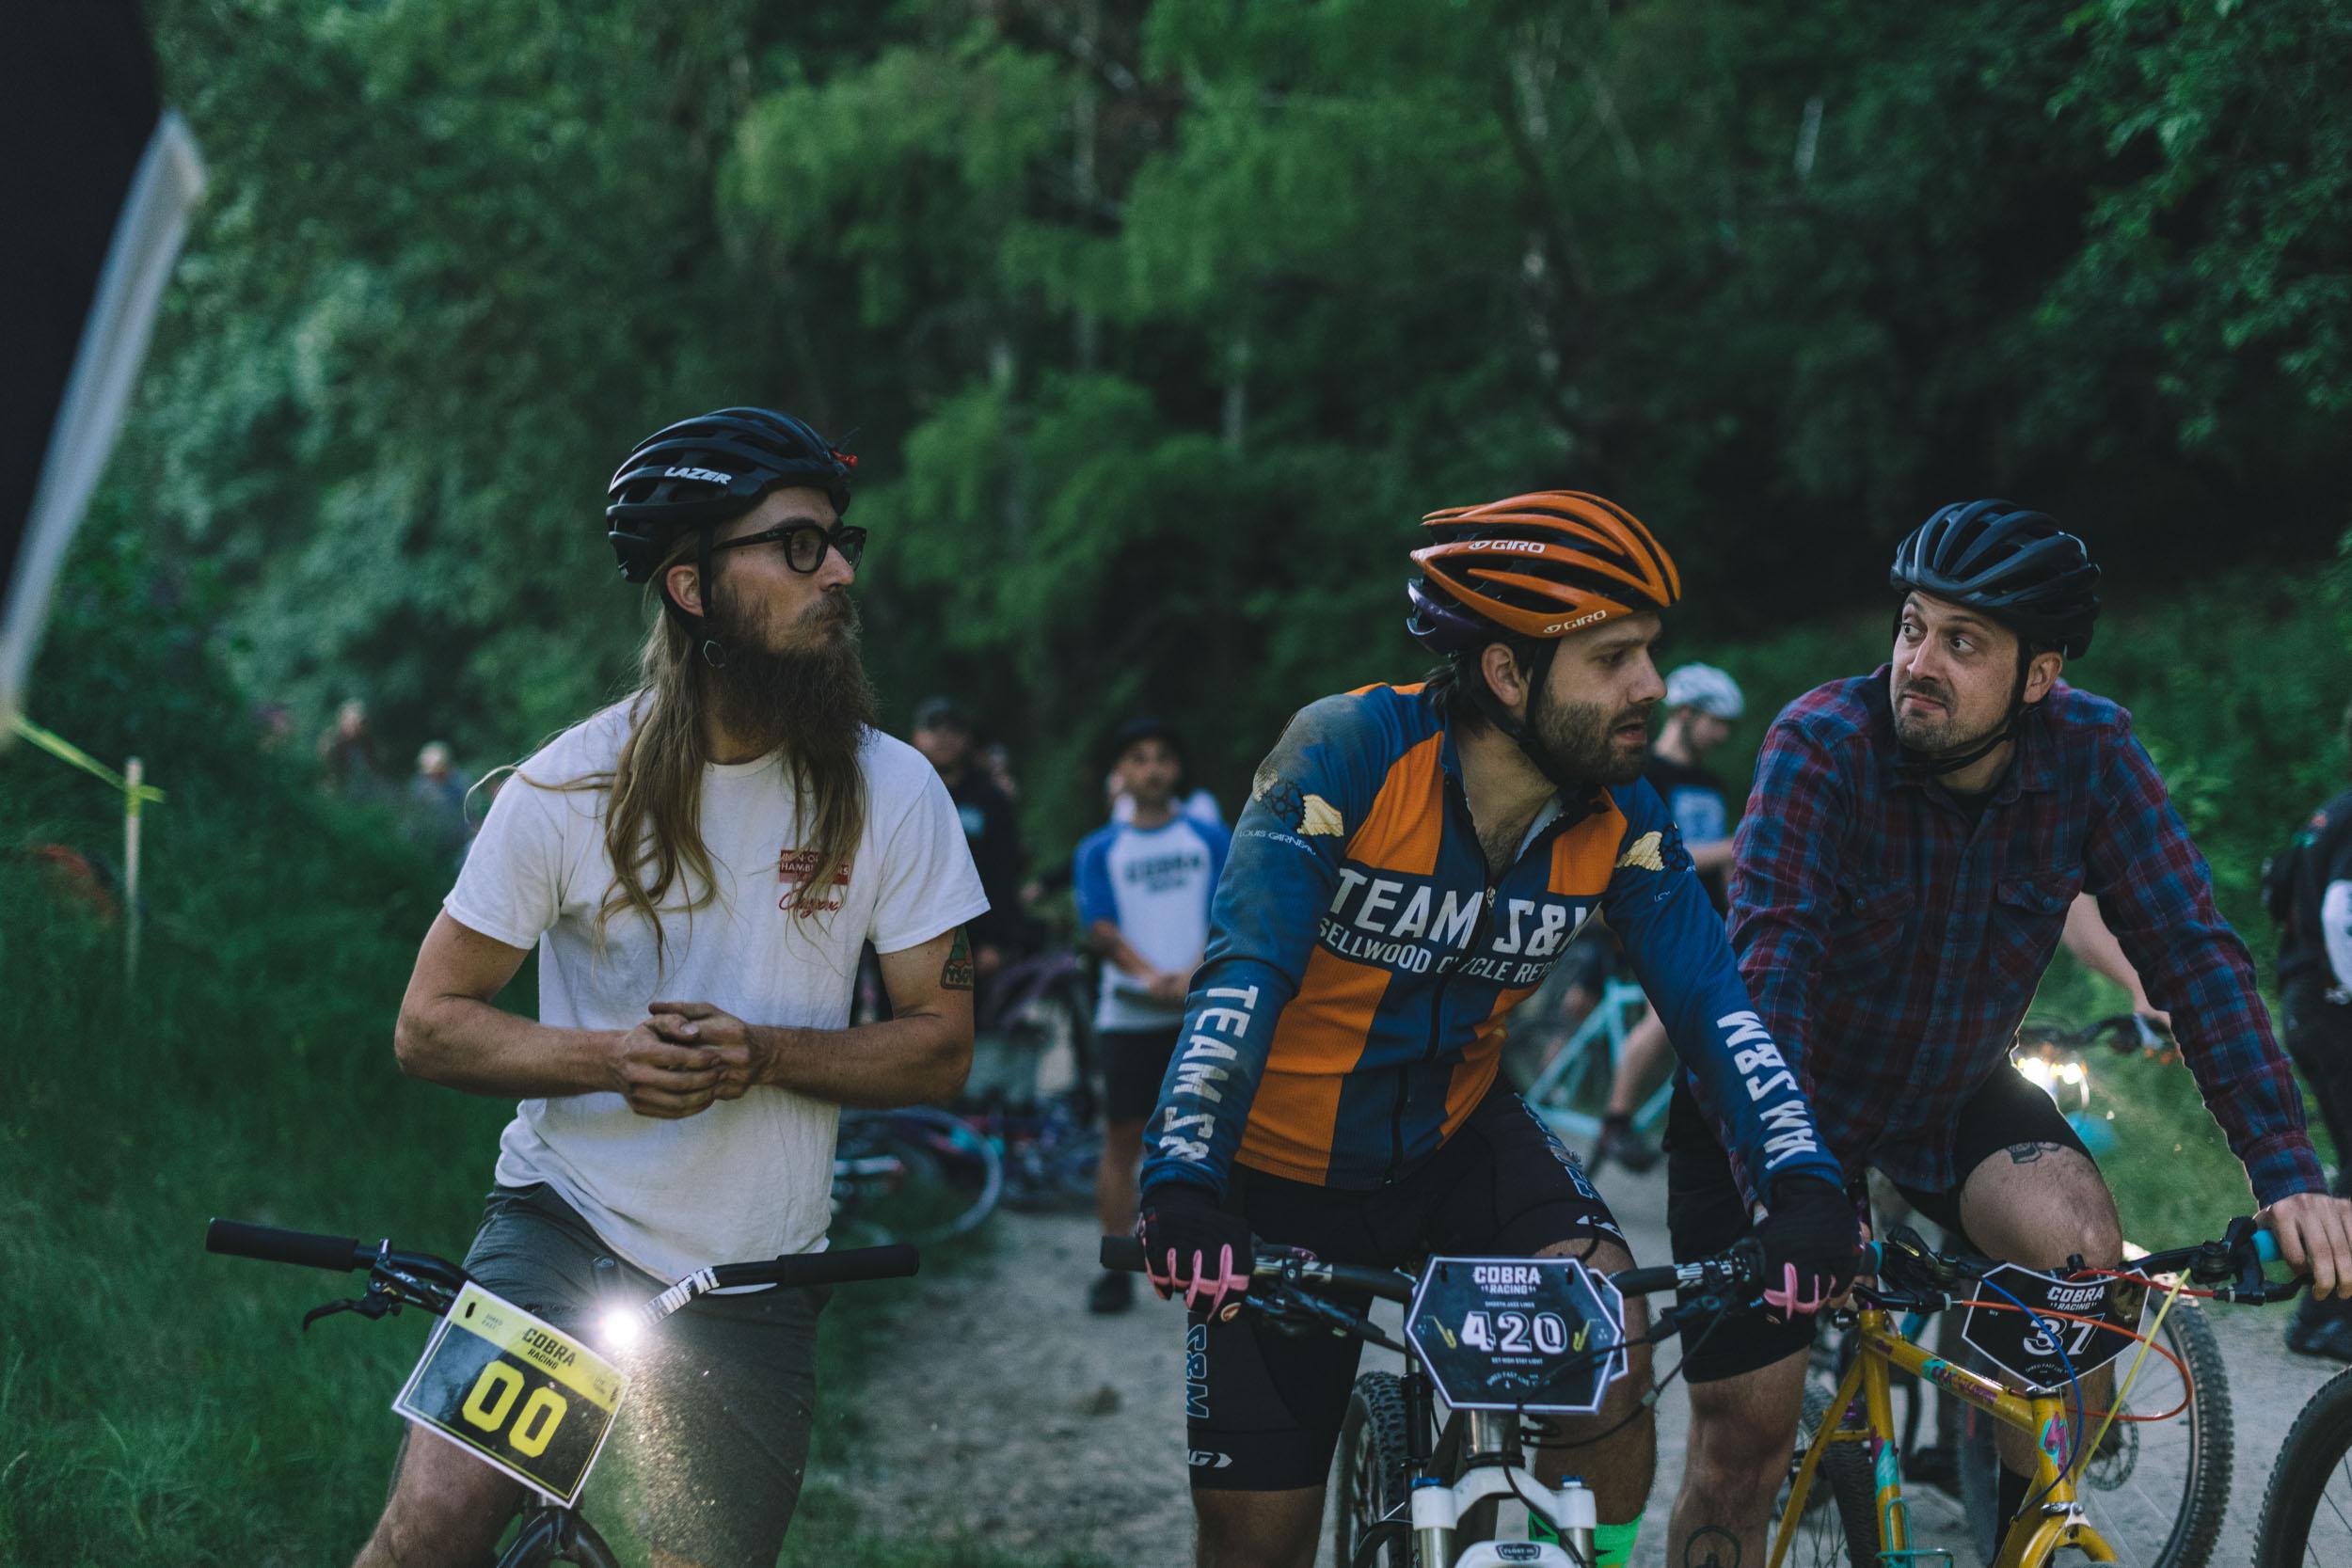 COBRA_Racing_Gateway_Miguel_Race_53.jpg